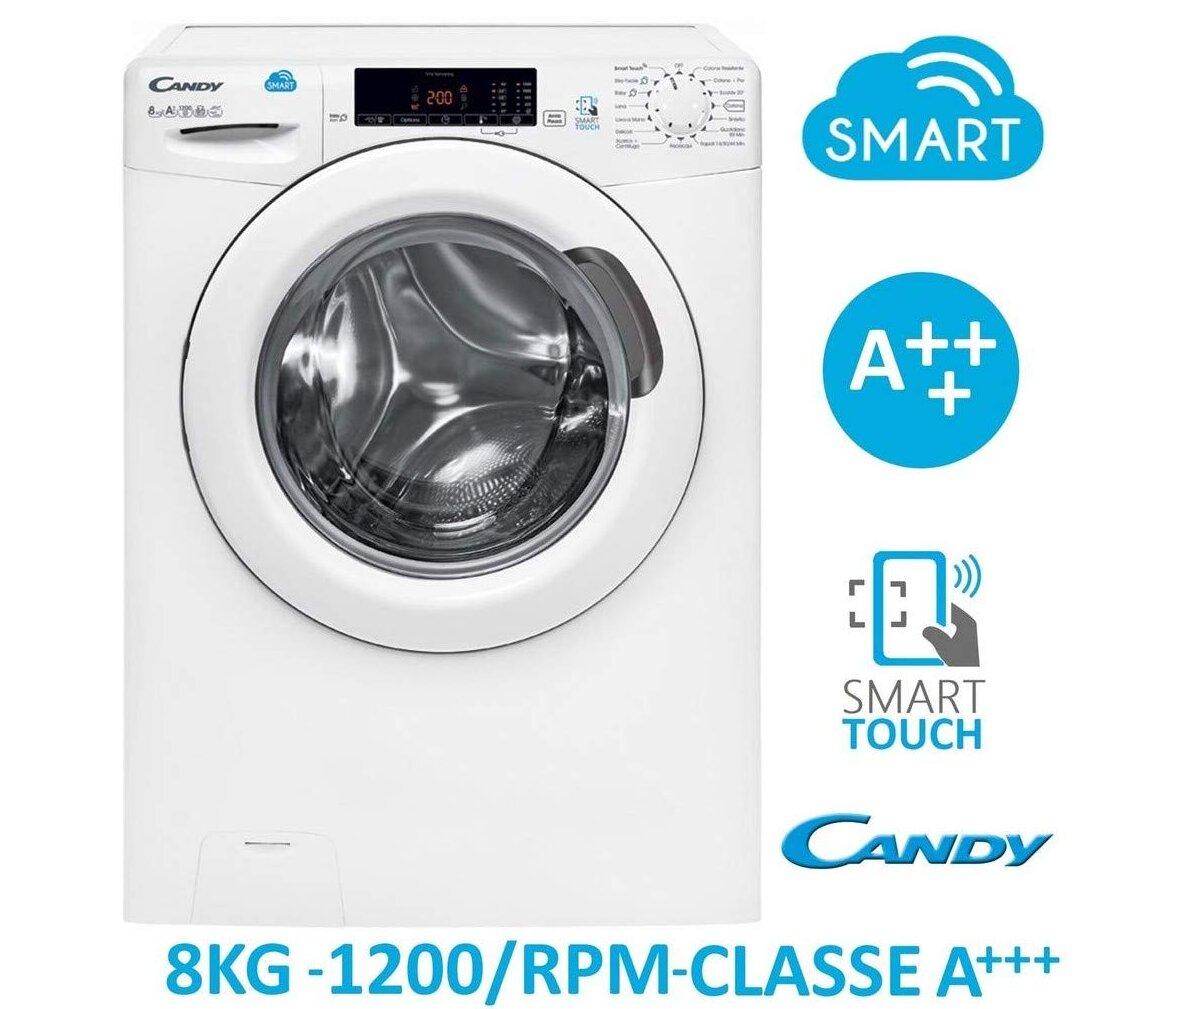 Để đảm bảo an toàn khi giặt, máy sẽ kêu liên hồi và báo mã lỗi U4 nếu bạn lỡ quên không đóng nắp máy giặt